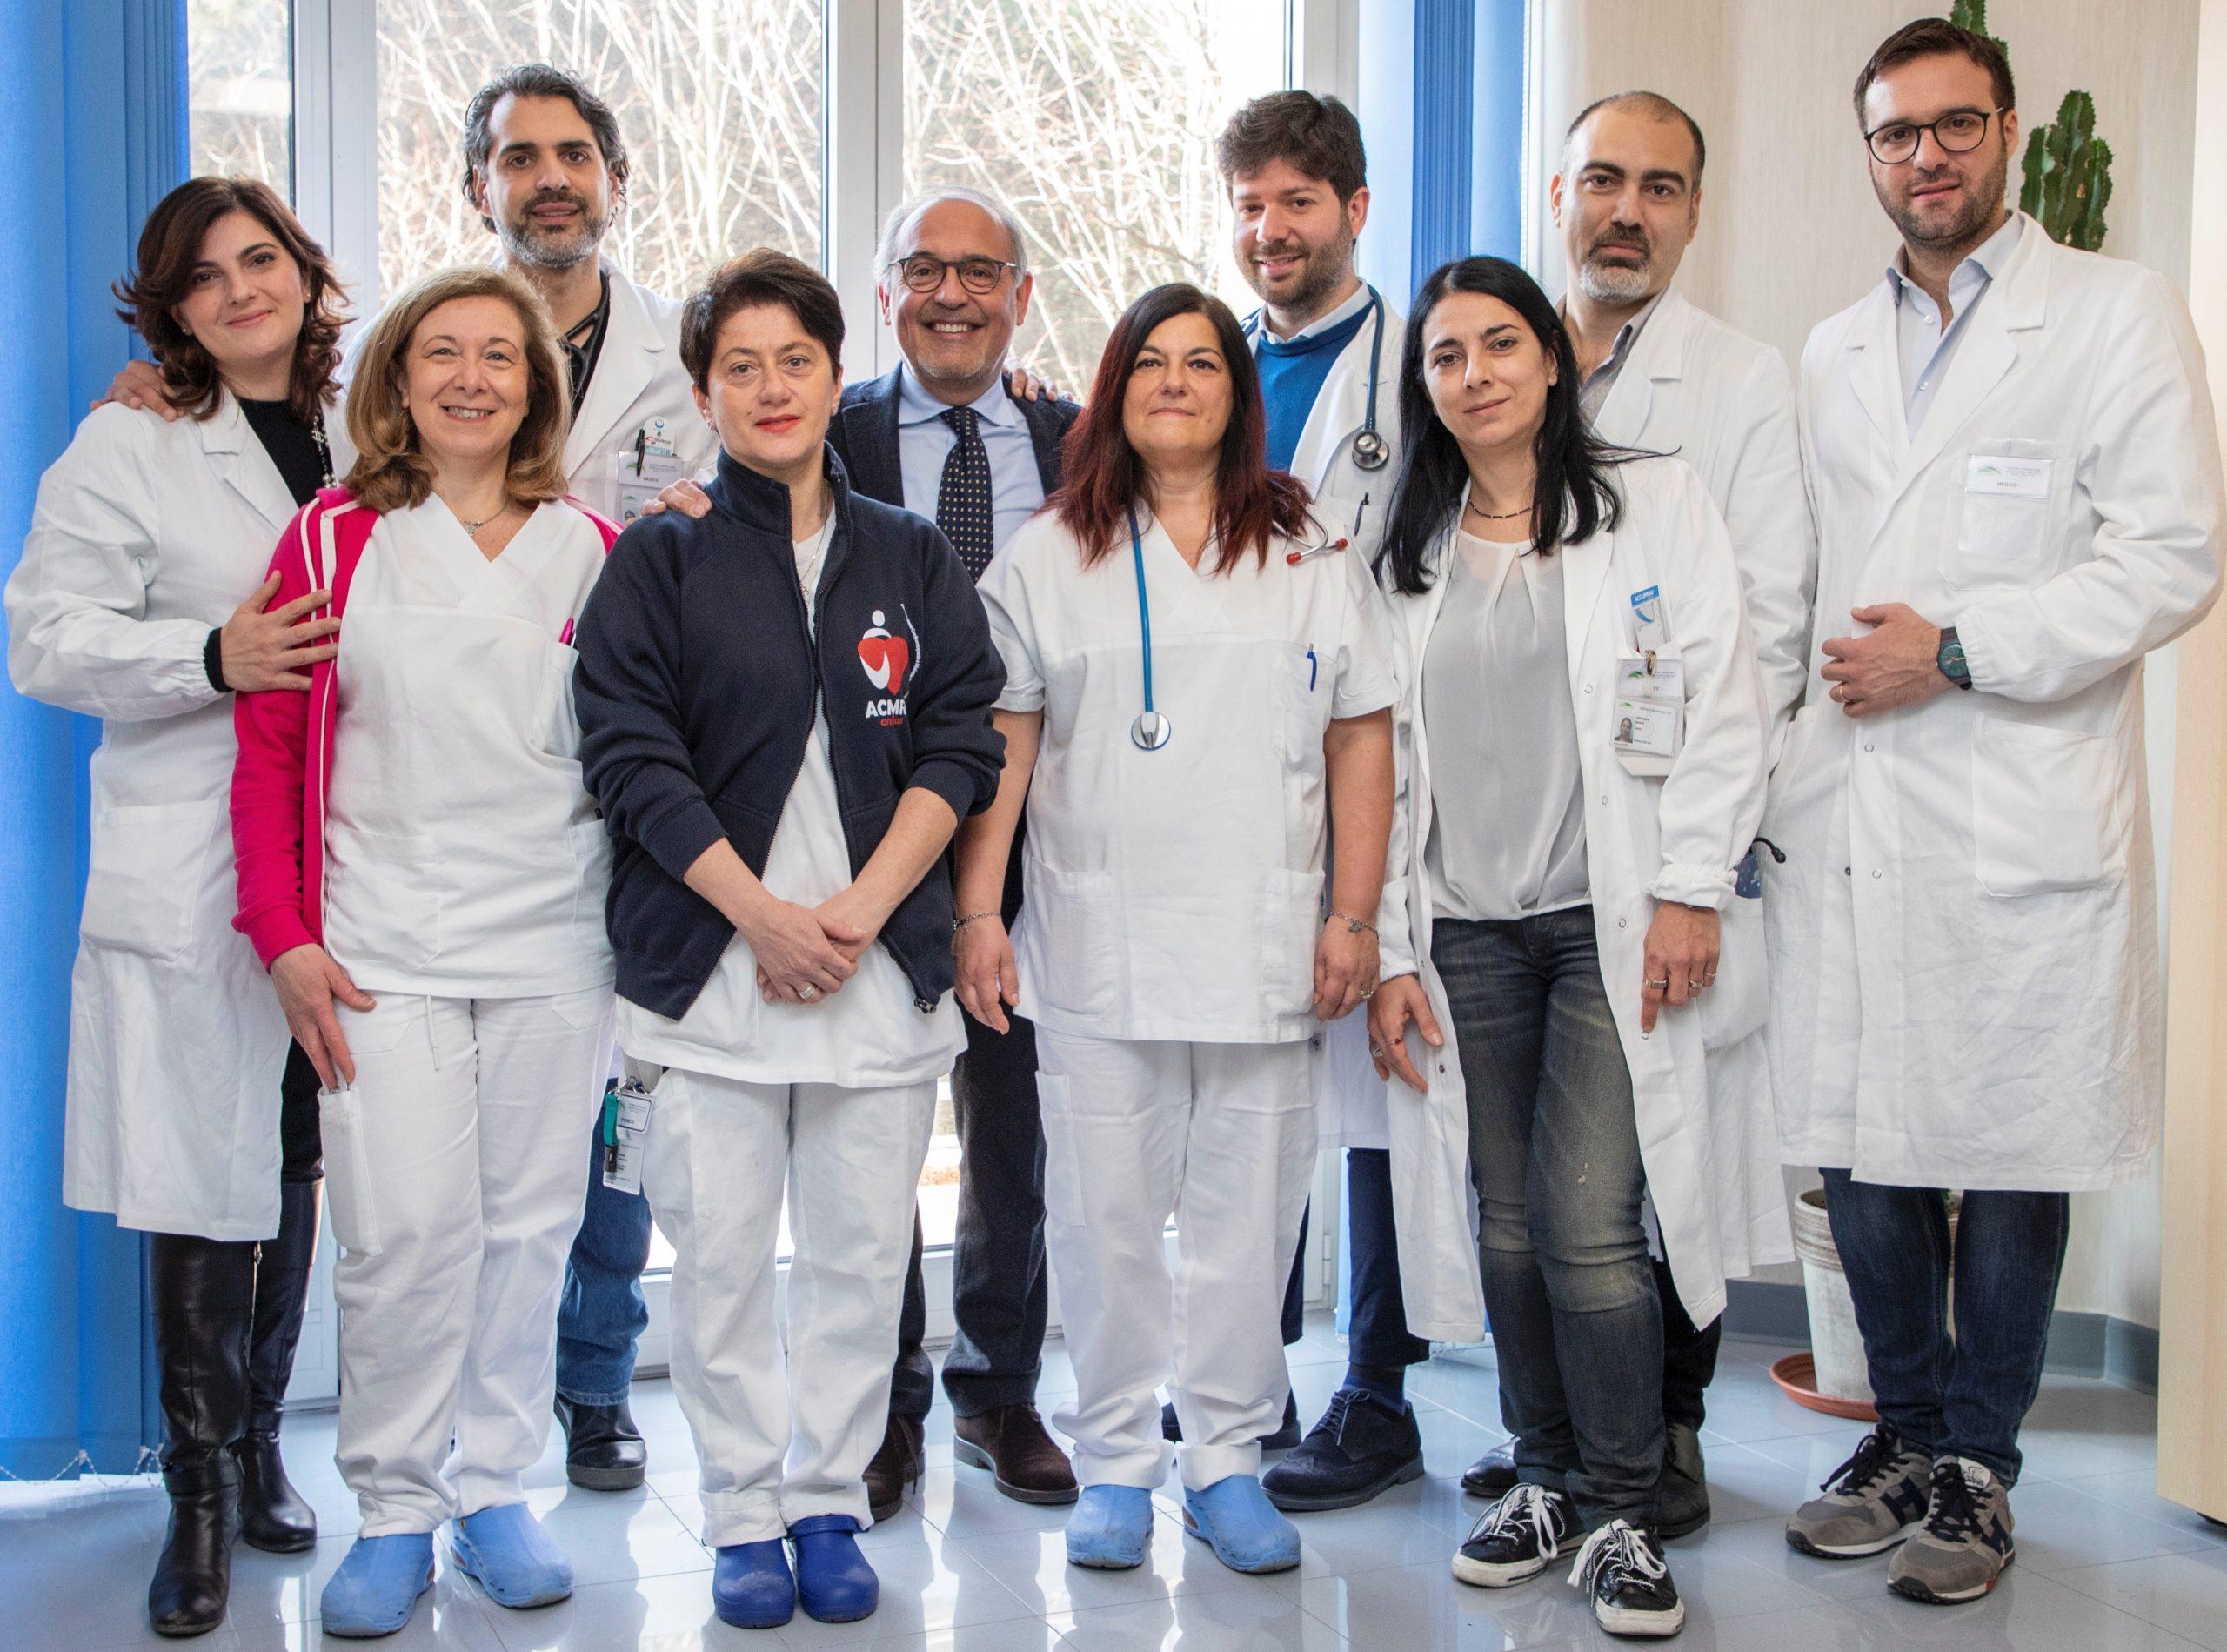 Ospedale Monaldi di Napoli, all'avanguardia per il trattamento dell'insufficienza cardiaca avanzata.